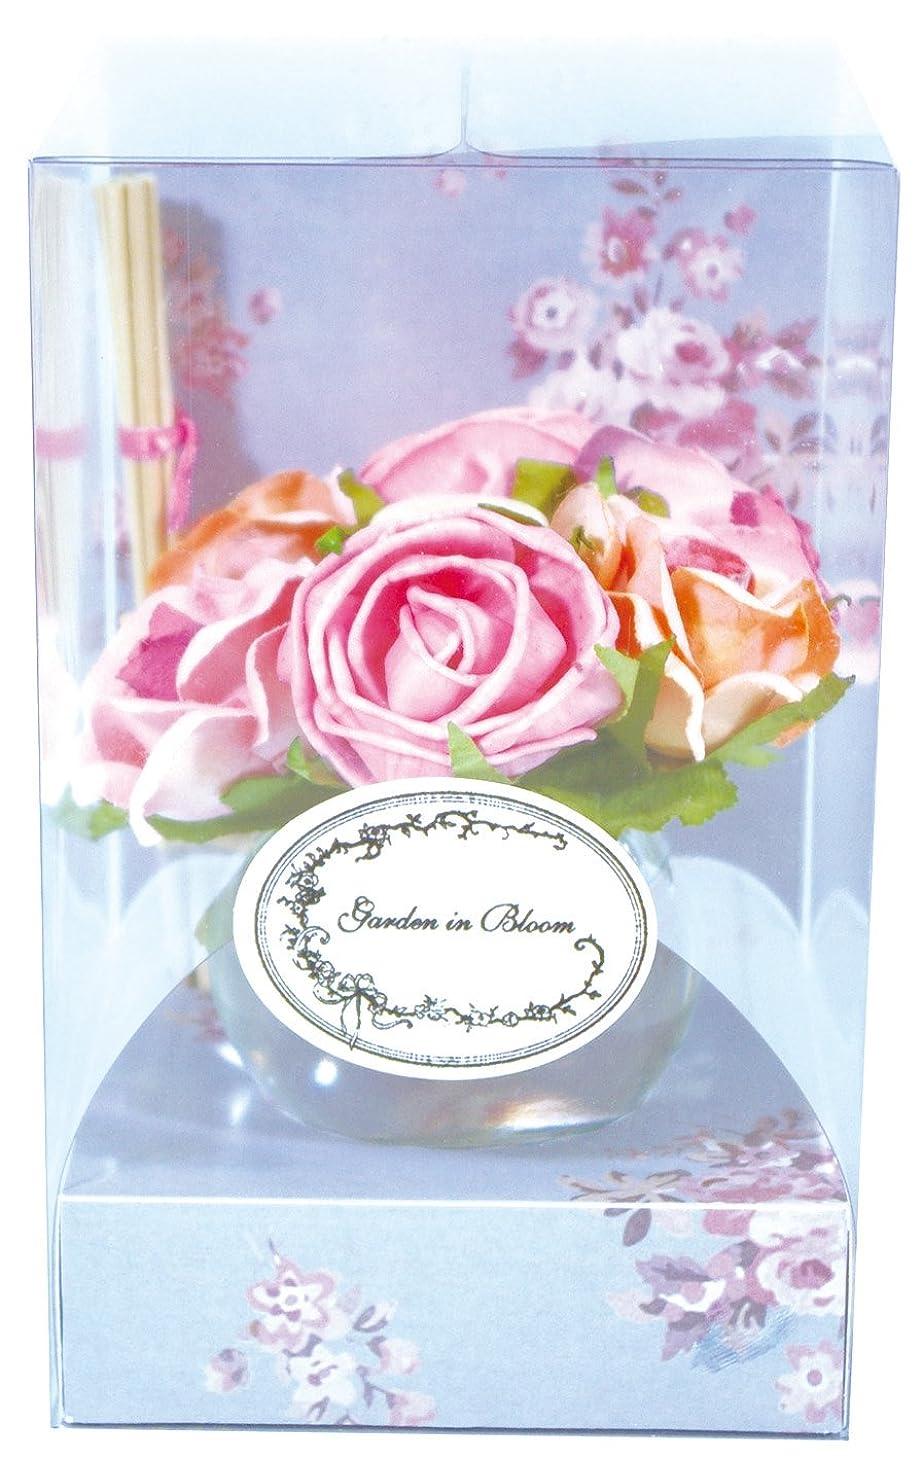 ピアースファンネルウェブスパイダー花に水をやるノルコーポレーション ガーデンインブルーム ルームフレグランス ローズベルジュの香り 70ml OA-GIB-2-1